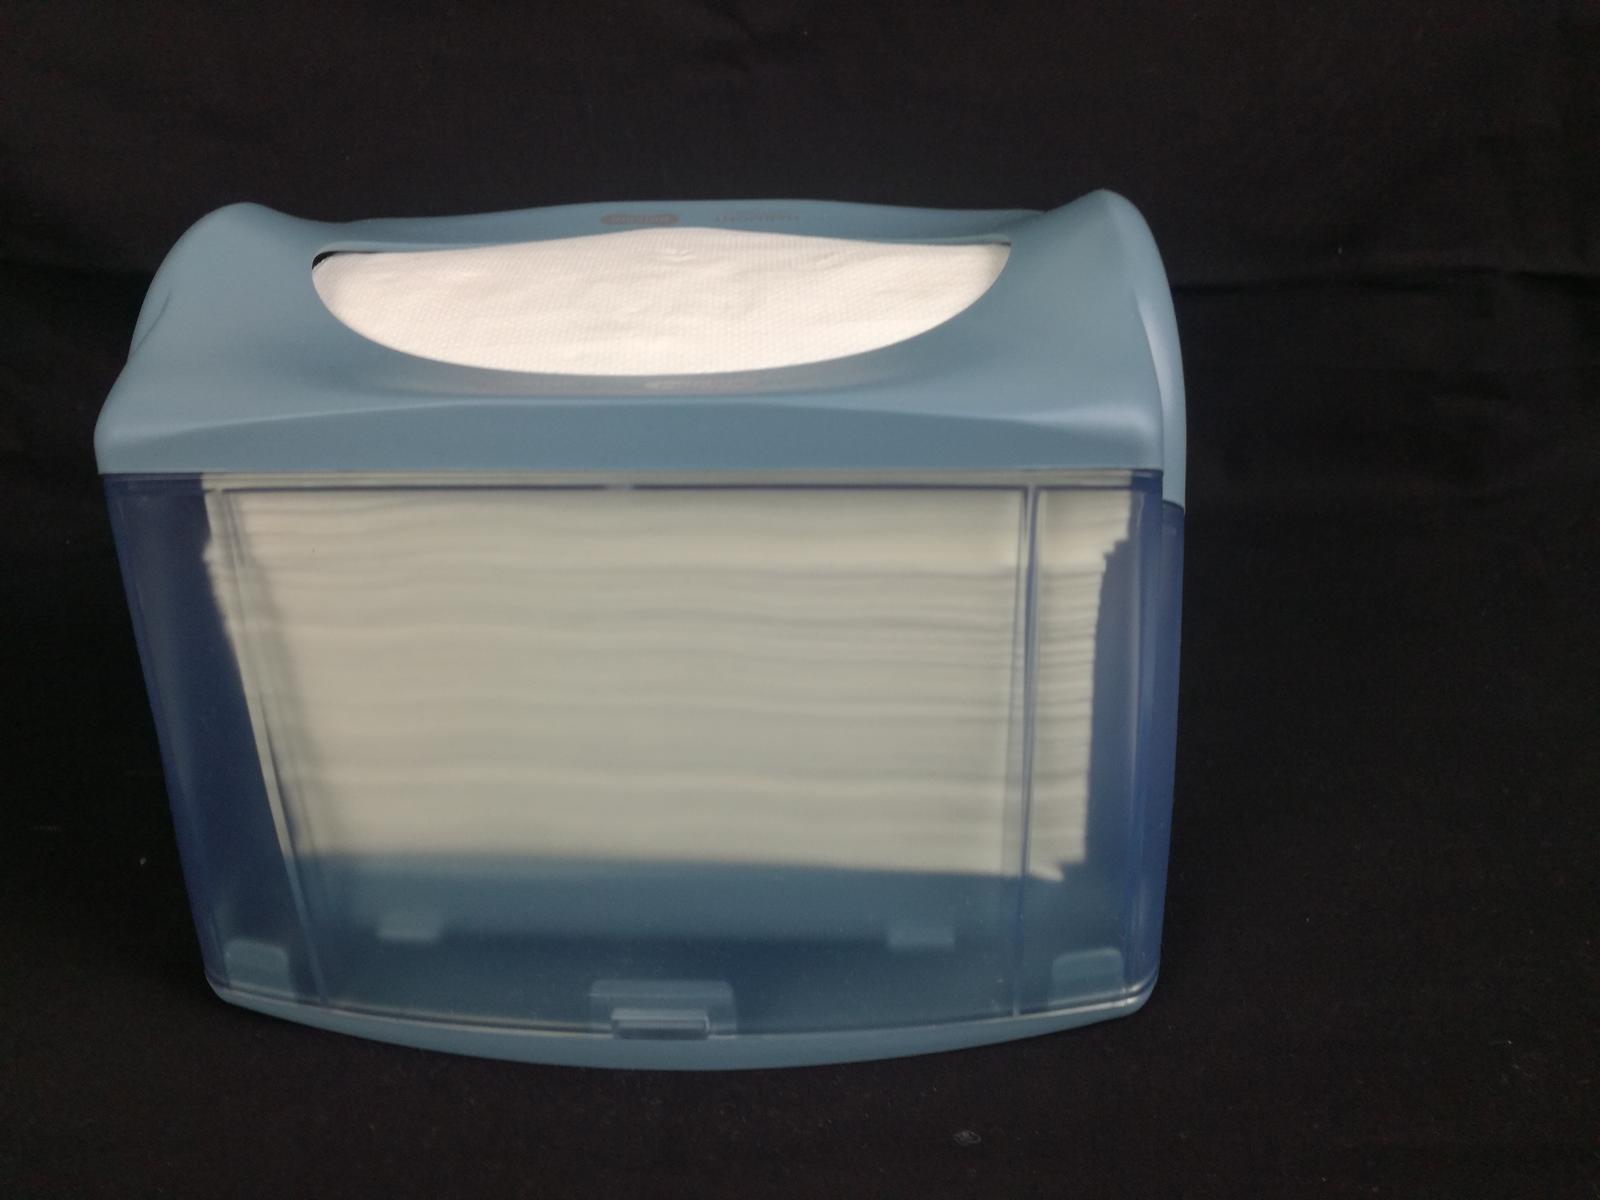 Zásobnik na papierové servítky malý (1ks) - Obrázok č. 1